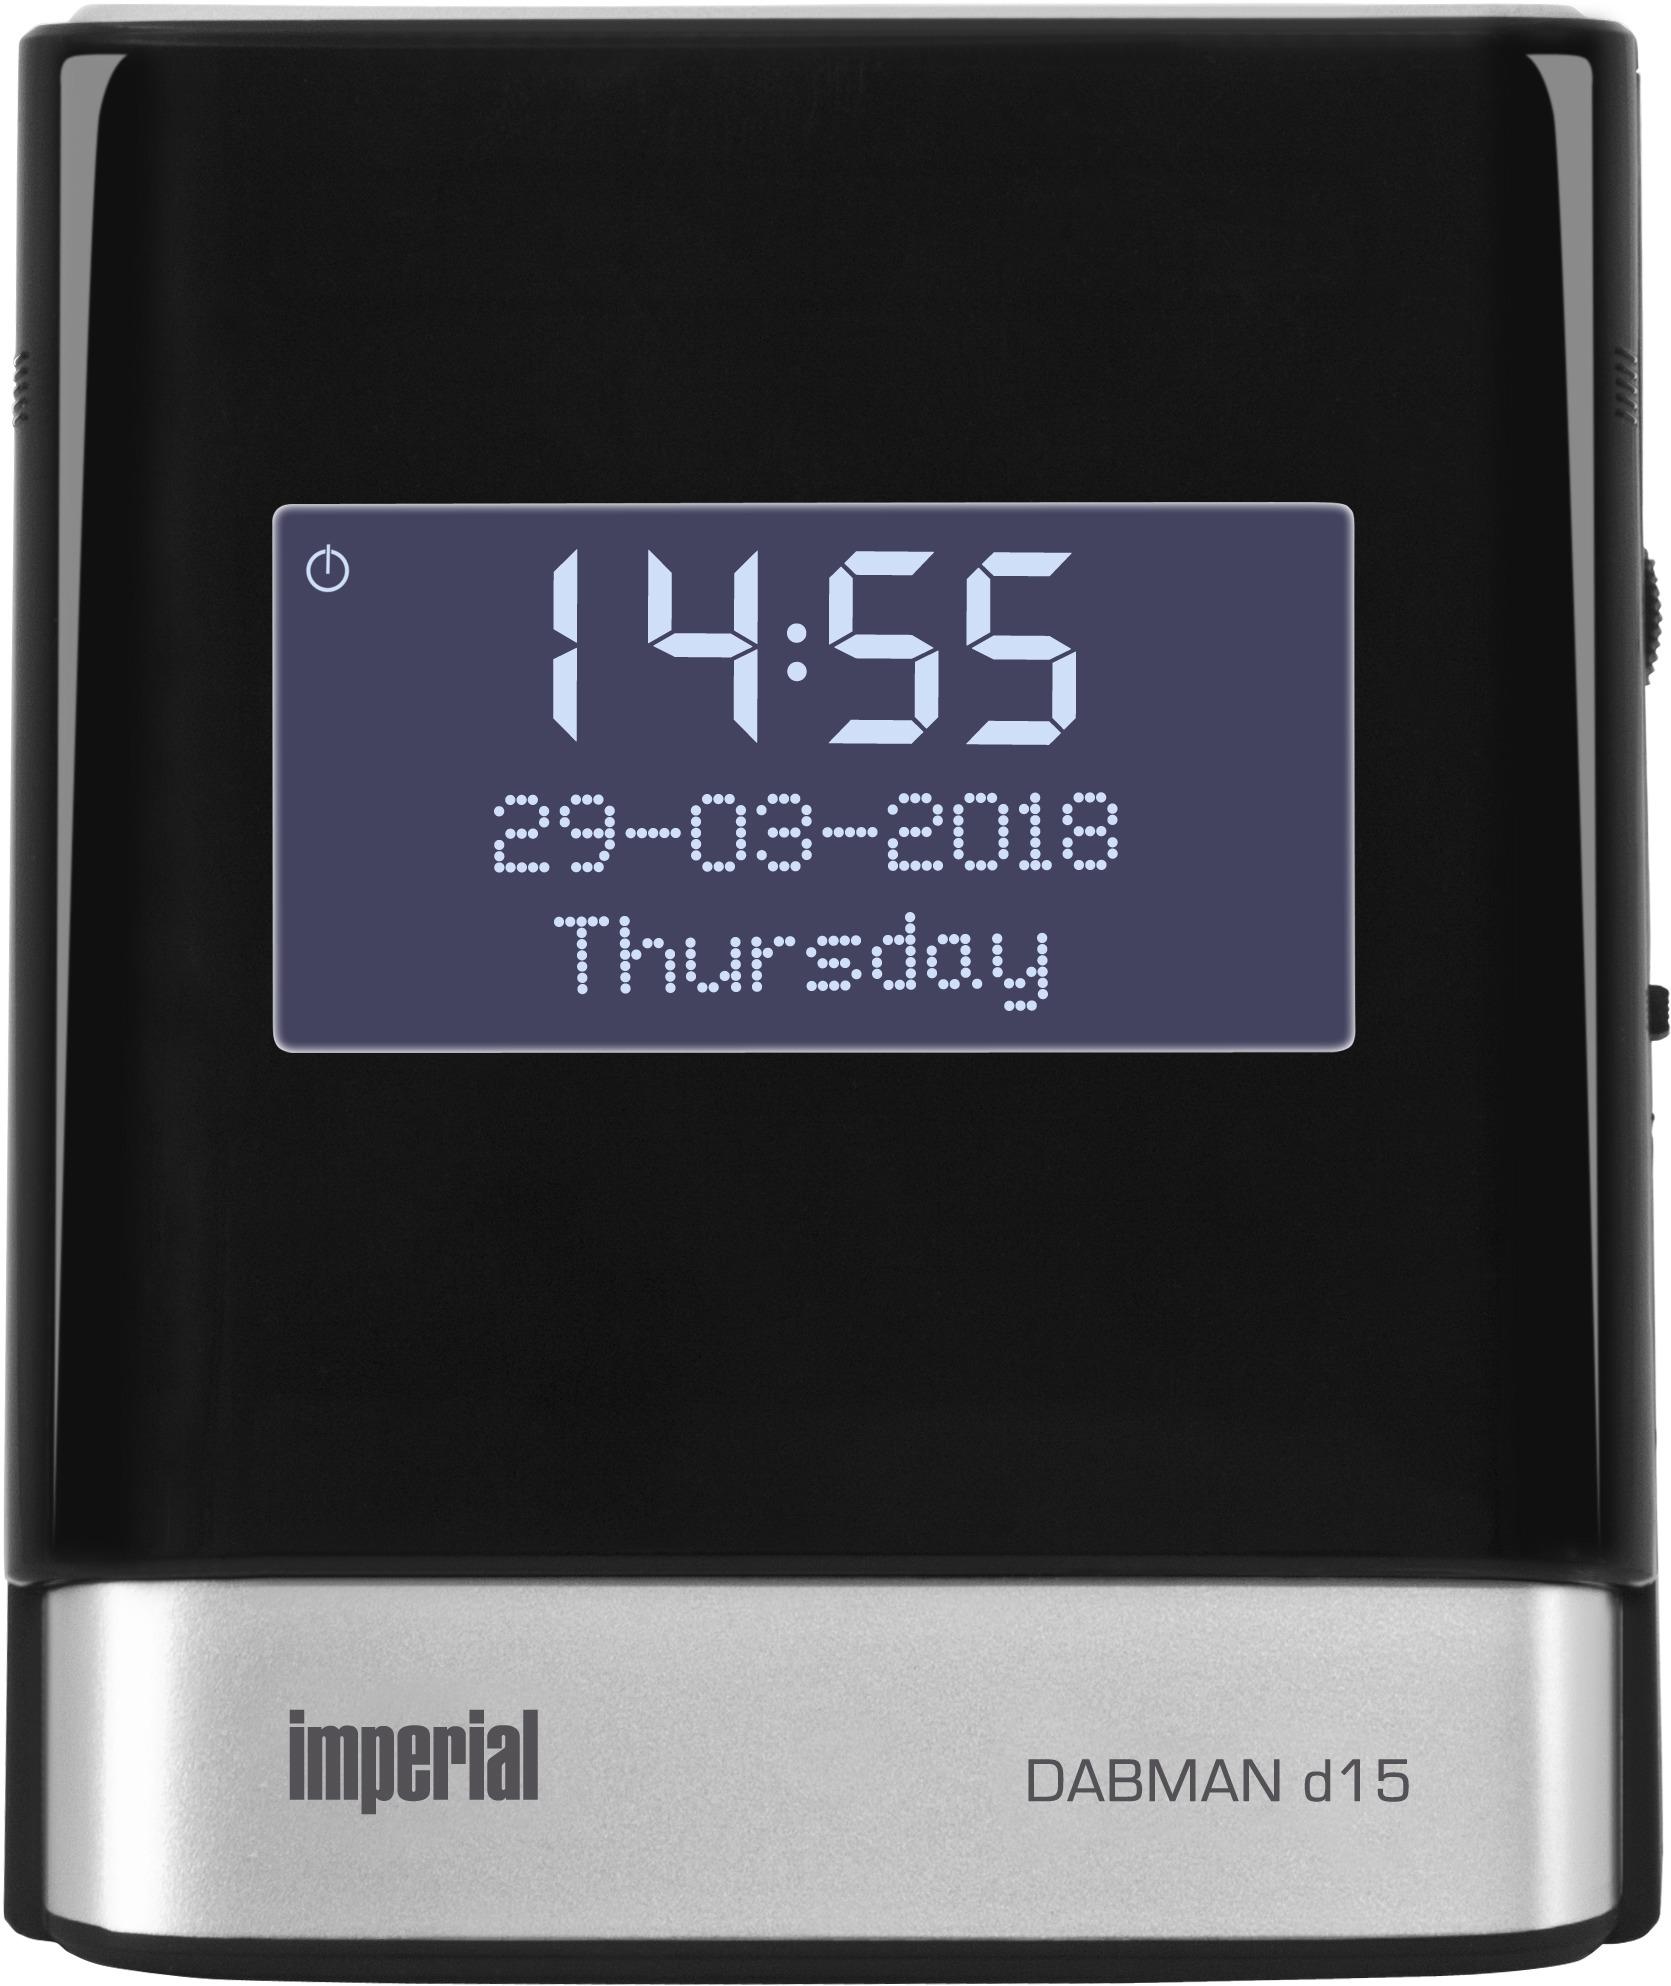 Foto van Imperial Dabman D15 Wekker radio